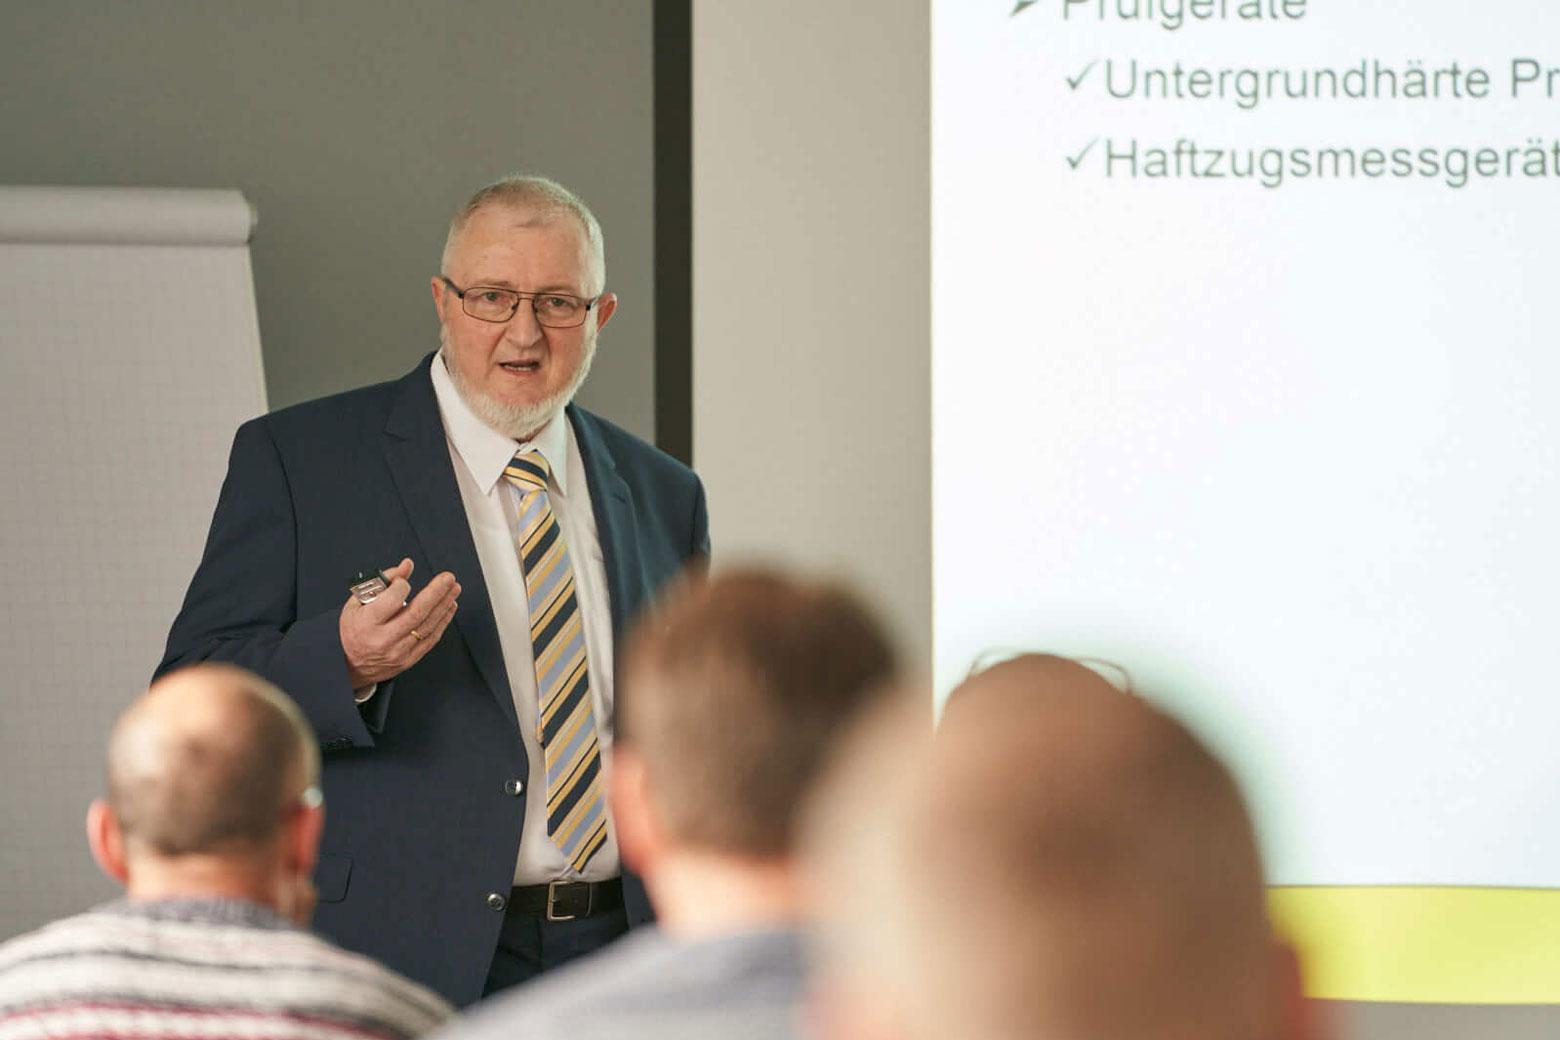 Frank Schwerin, Produktmanager SAKRET GmbH, gibt einen ausführlichen Überblick über Untergrundbeurteilung und die DIN 18175.